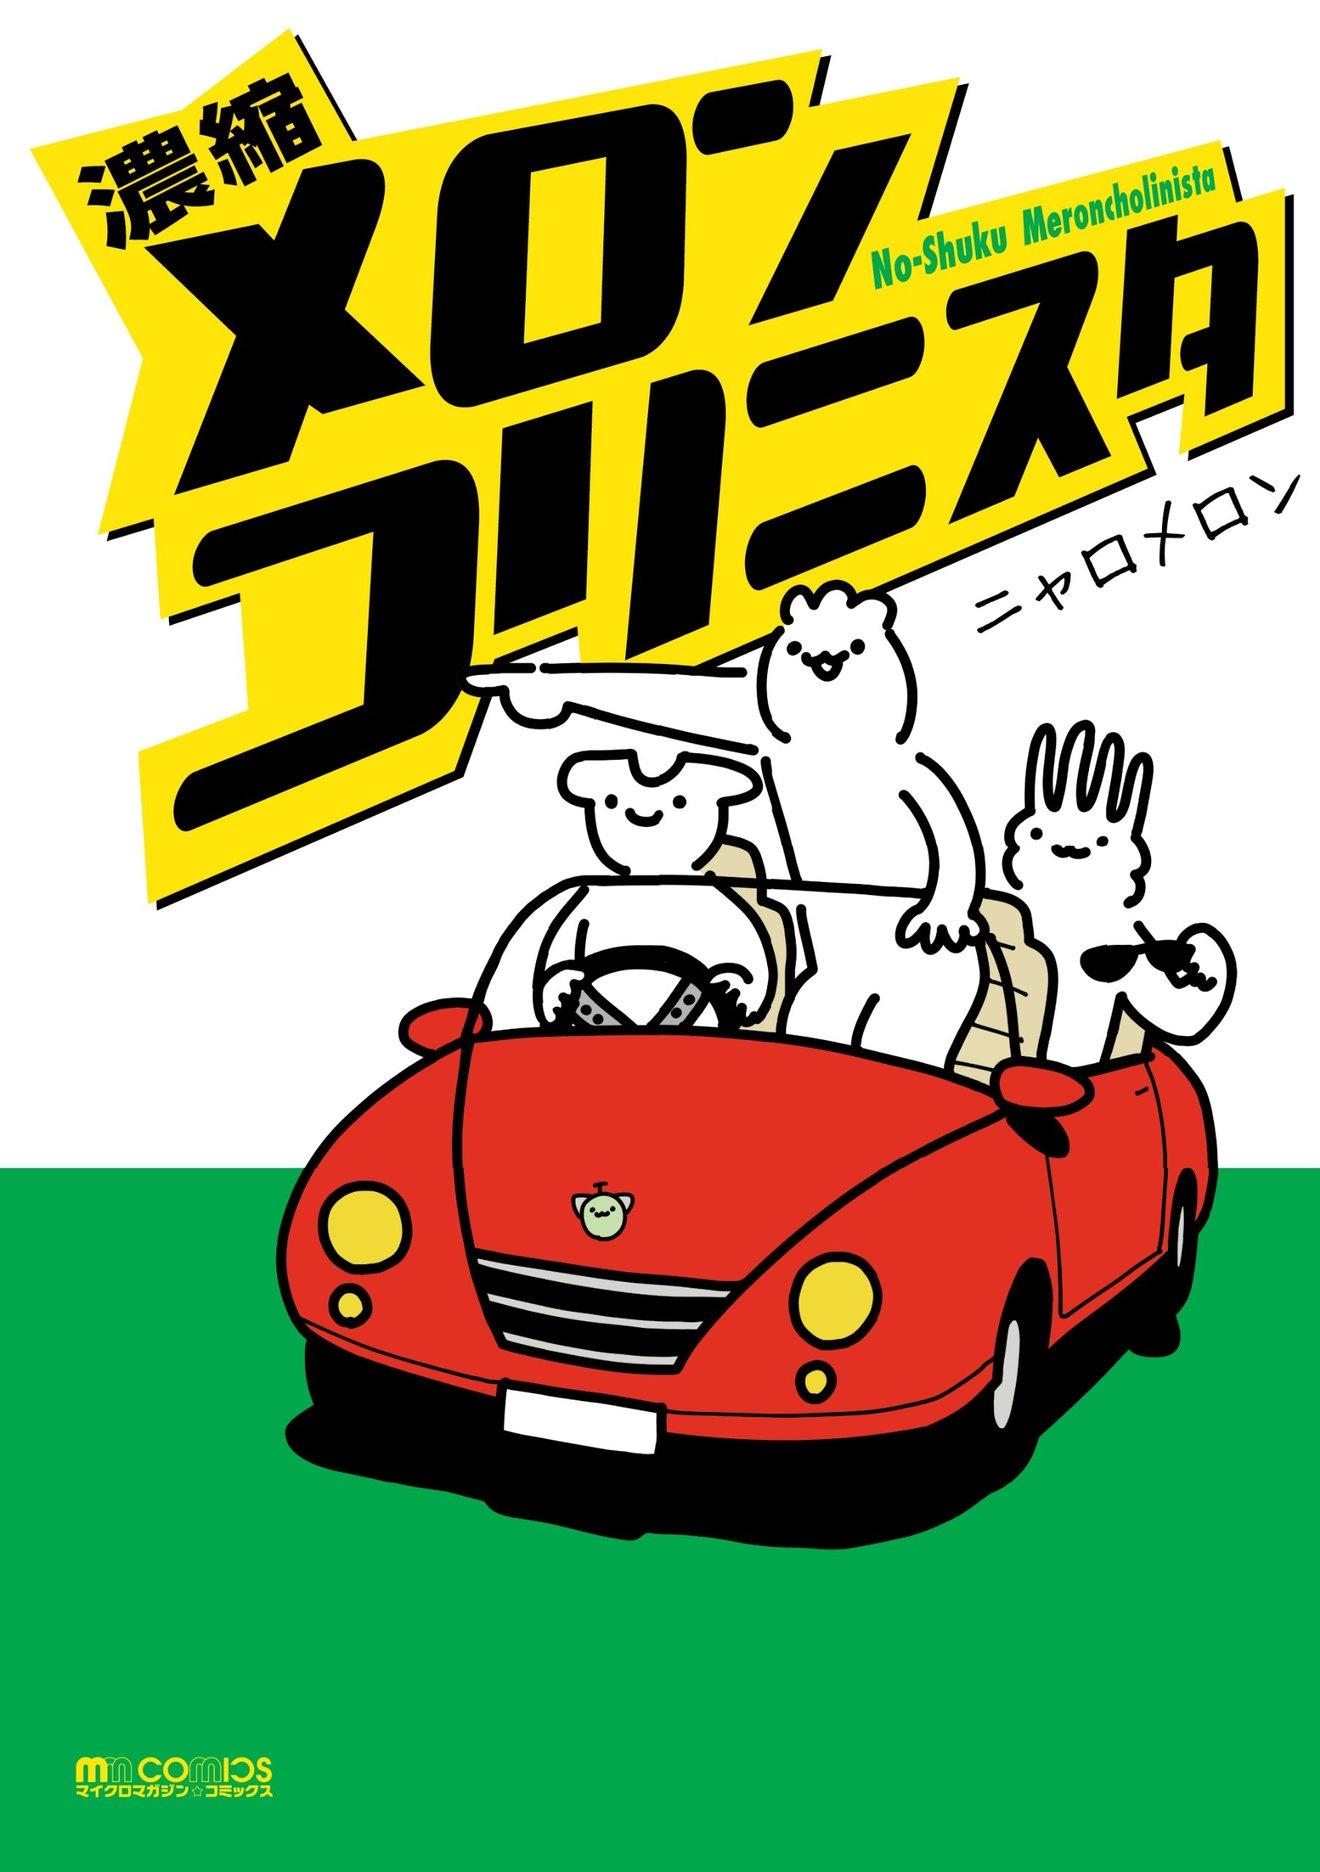 ニャロメロンに関する3つのまとめ!鬼才のイケメン漫画家の作品が面白い!